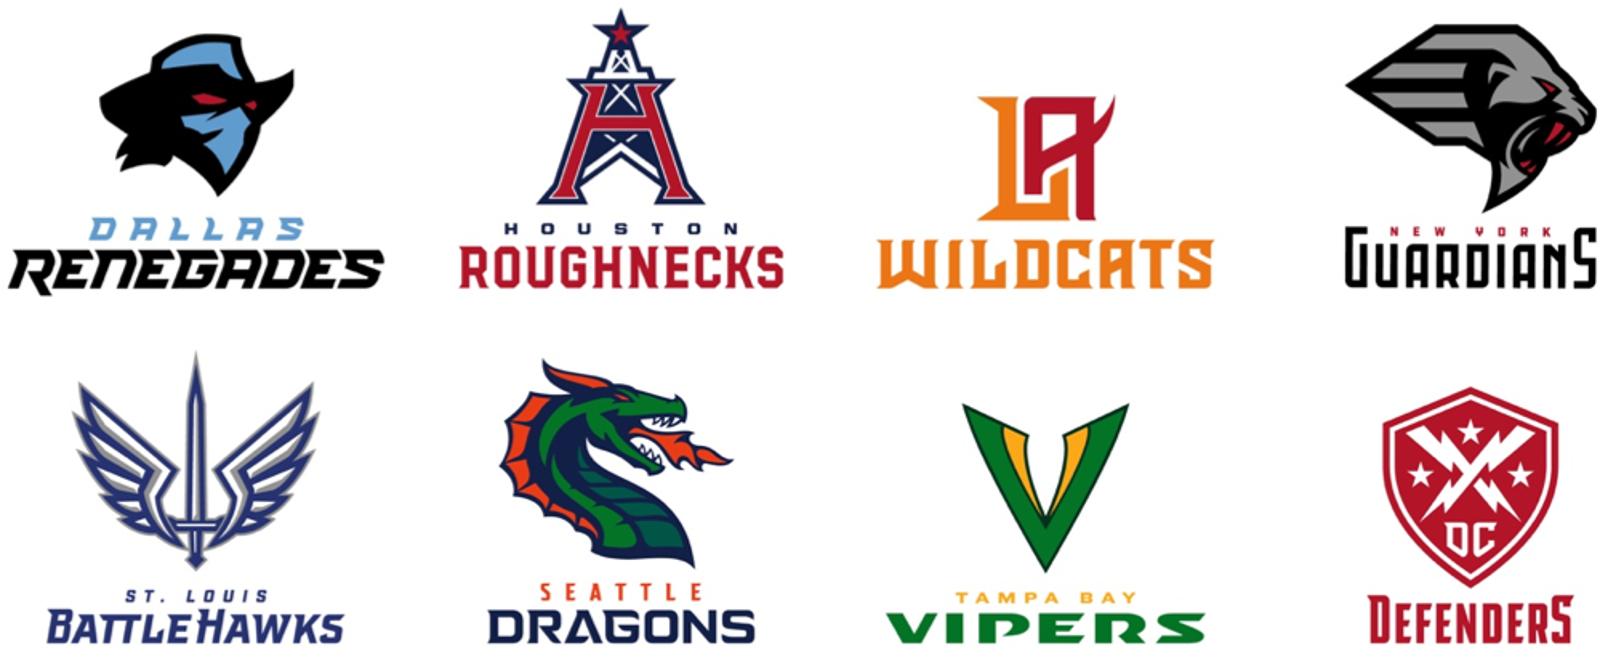 xfl logos and teams